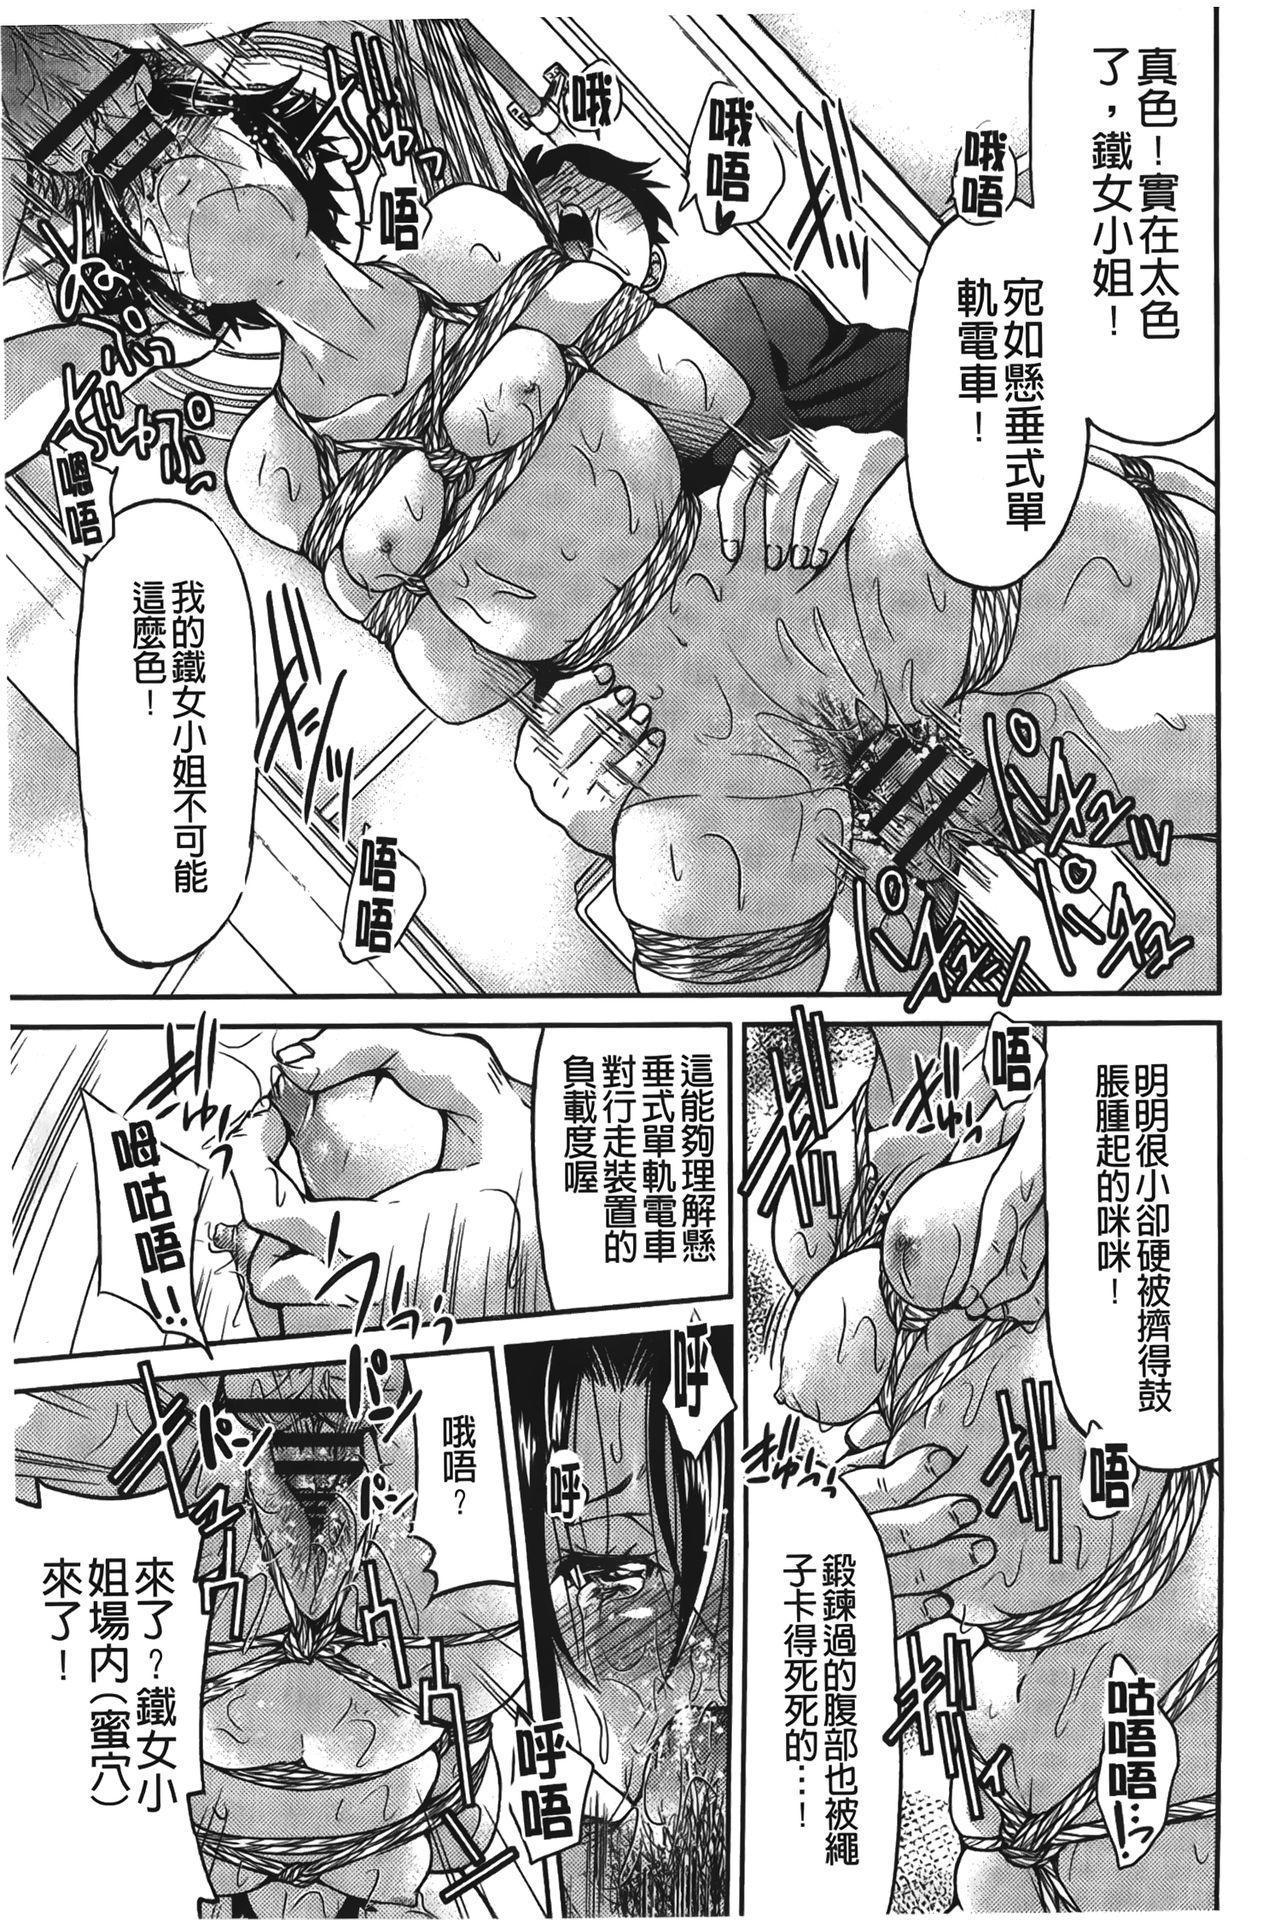 JYOSHI-TETSU 141